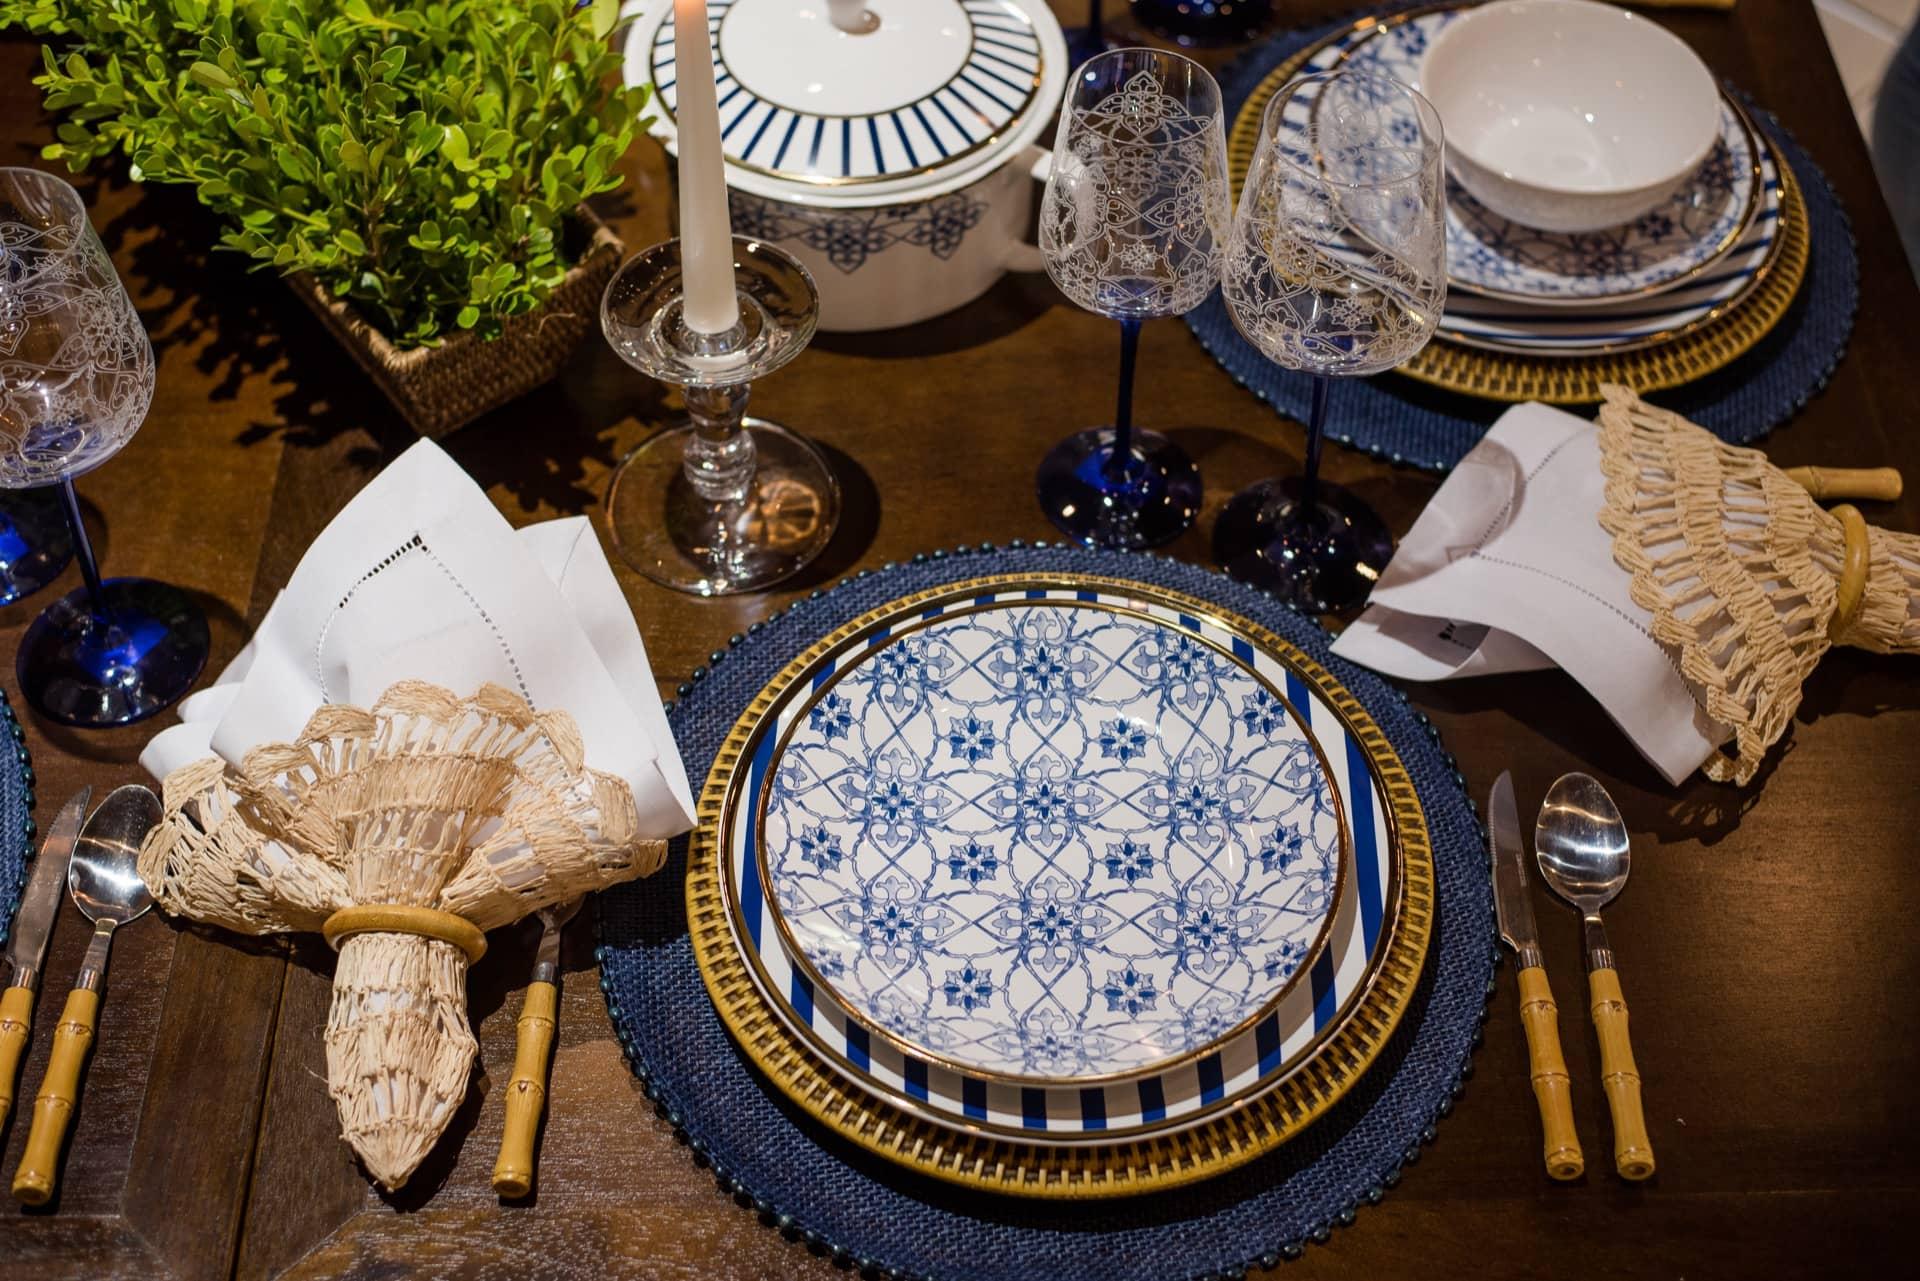 Imagem: Materiais naturais trazem aconchego para a mesa. O guardanapo de linho vem embrulhado numa toalhinha de palha. Os sousplats são de rattan, e os talheres imitam bambu. Foto:Karla Rudnick